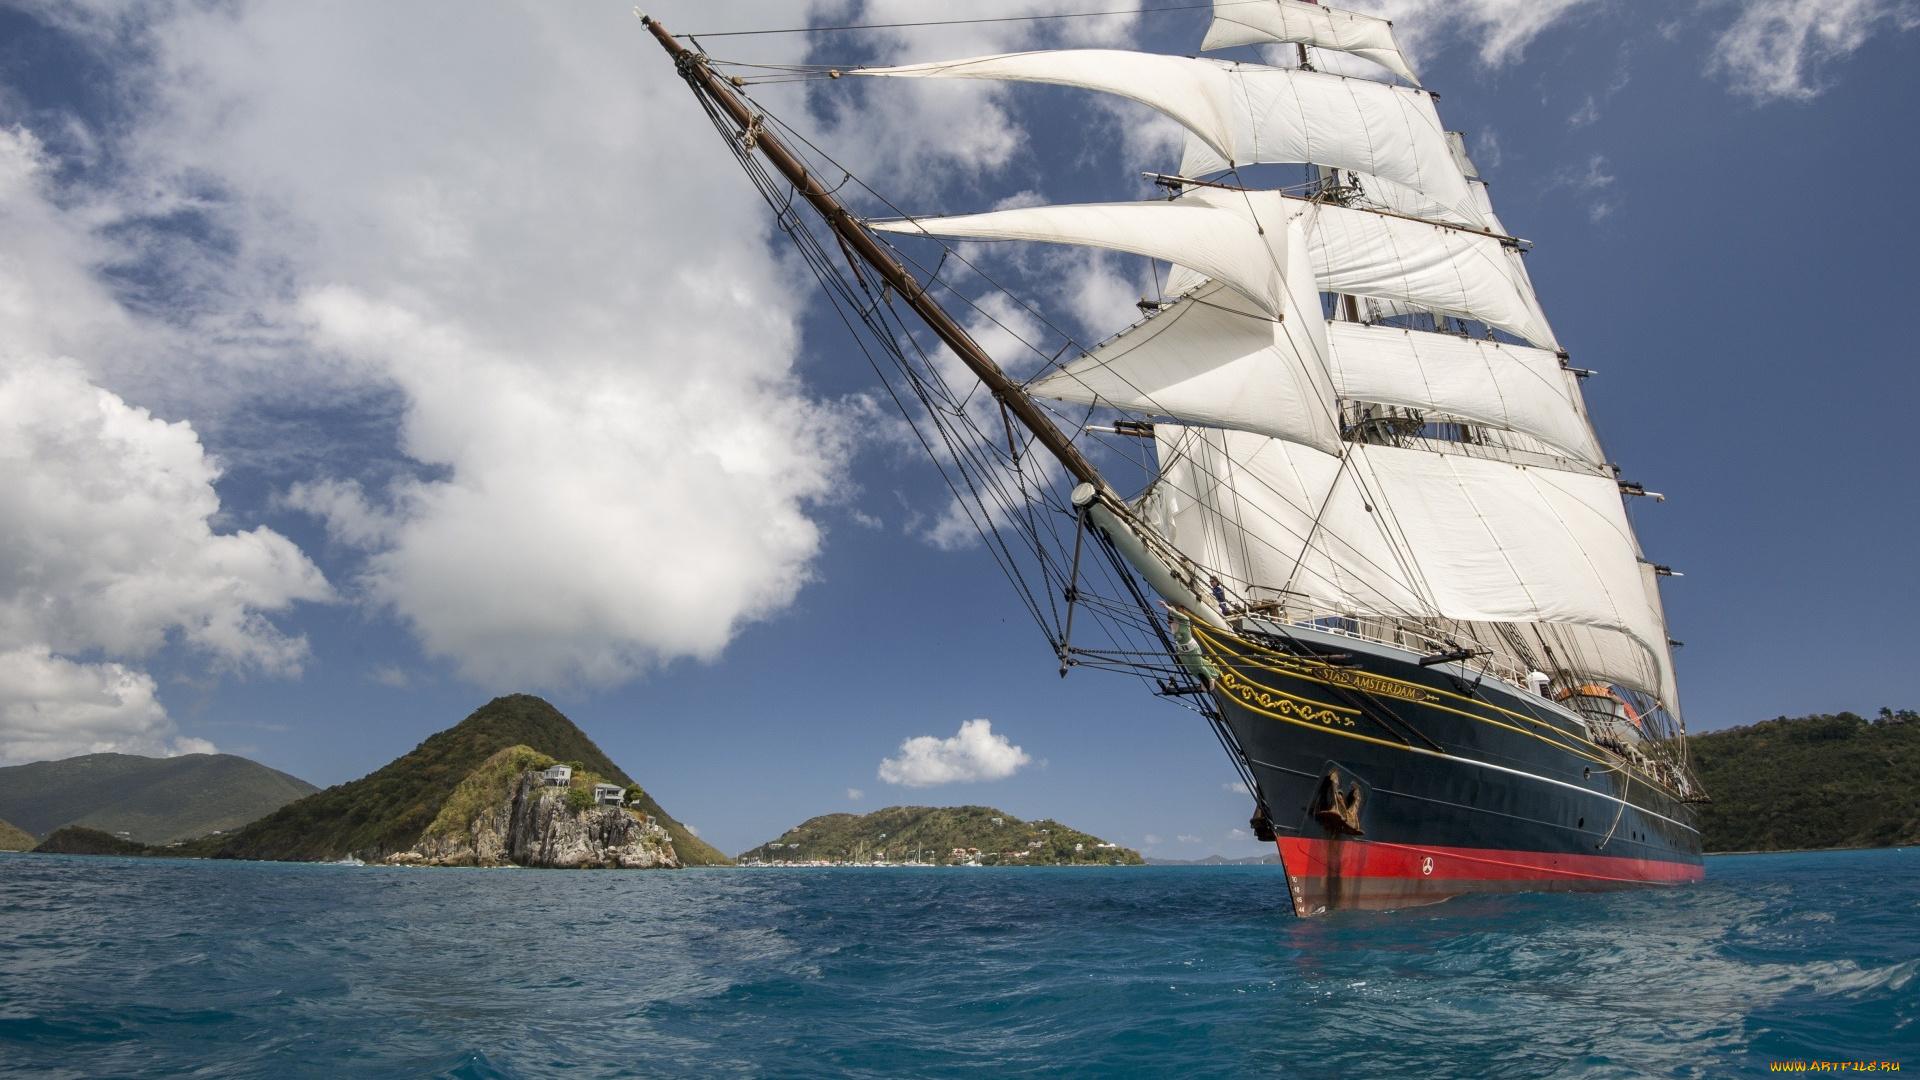 пираты и корабли обои на рабочий стол